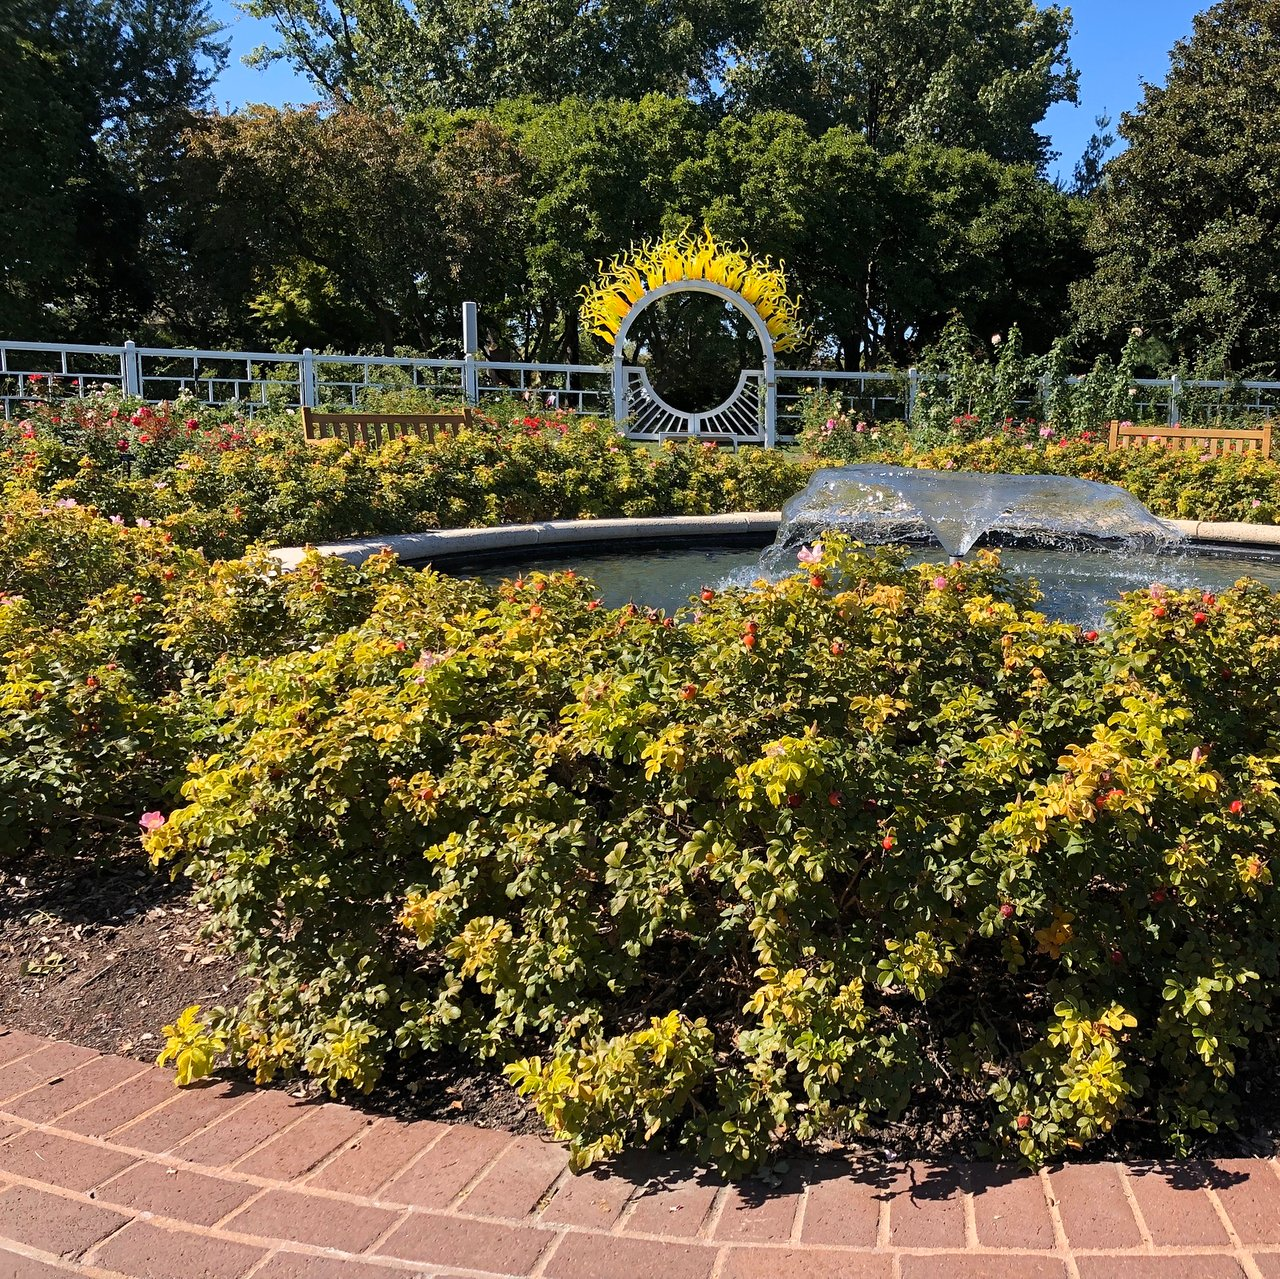 Missouri Botanical Garden Saint Louis 2020 All You Need To